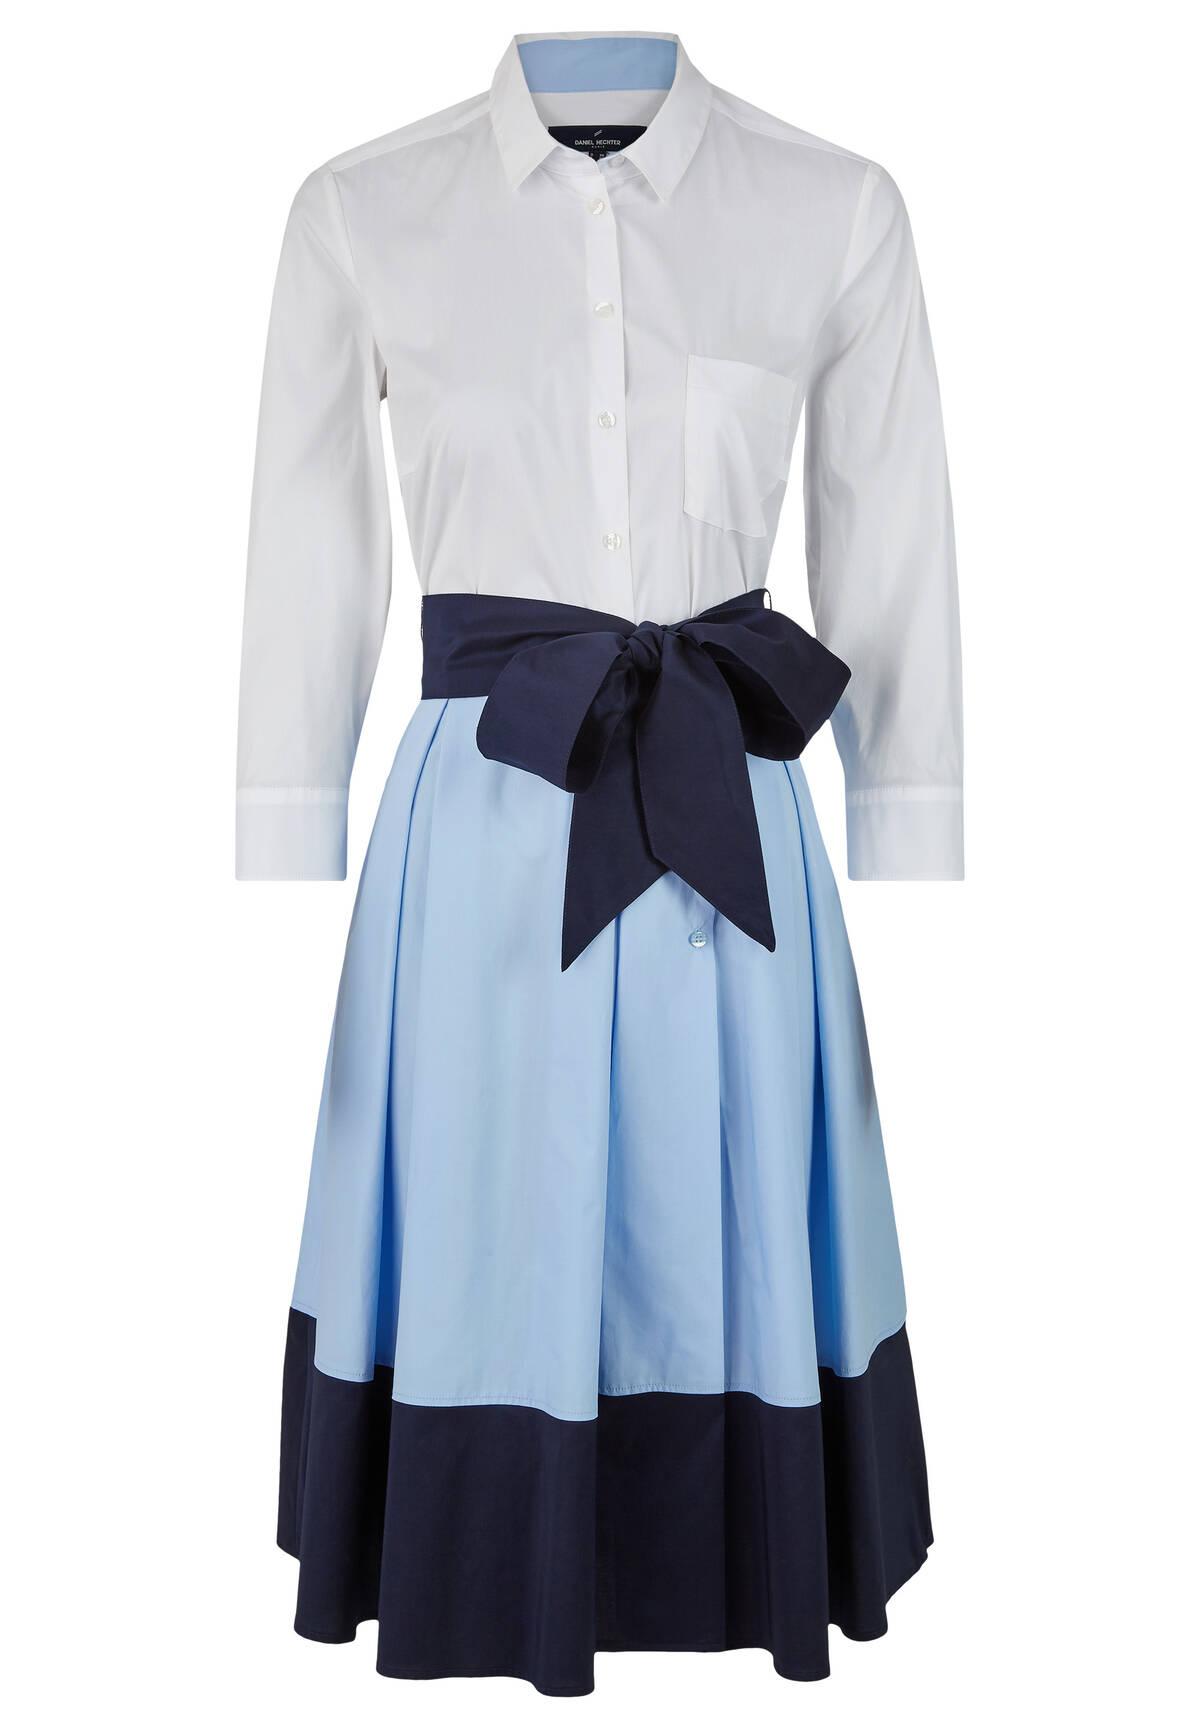 Blusenkleid mit farblich abgesetztem Rockteil / Dress